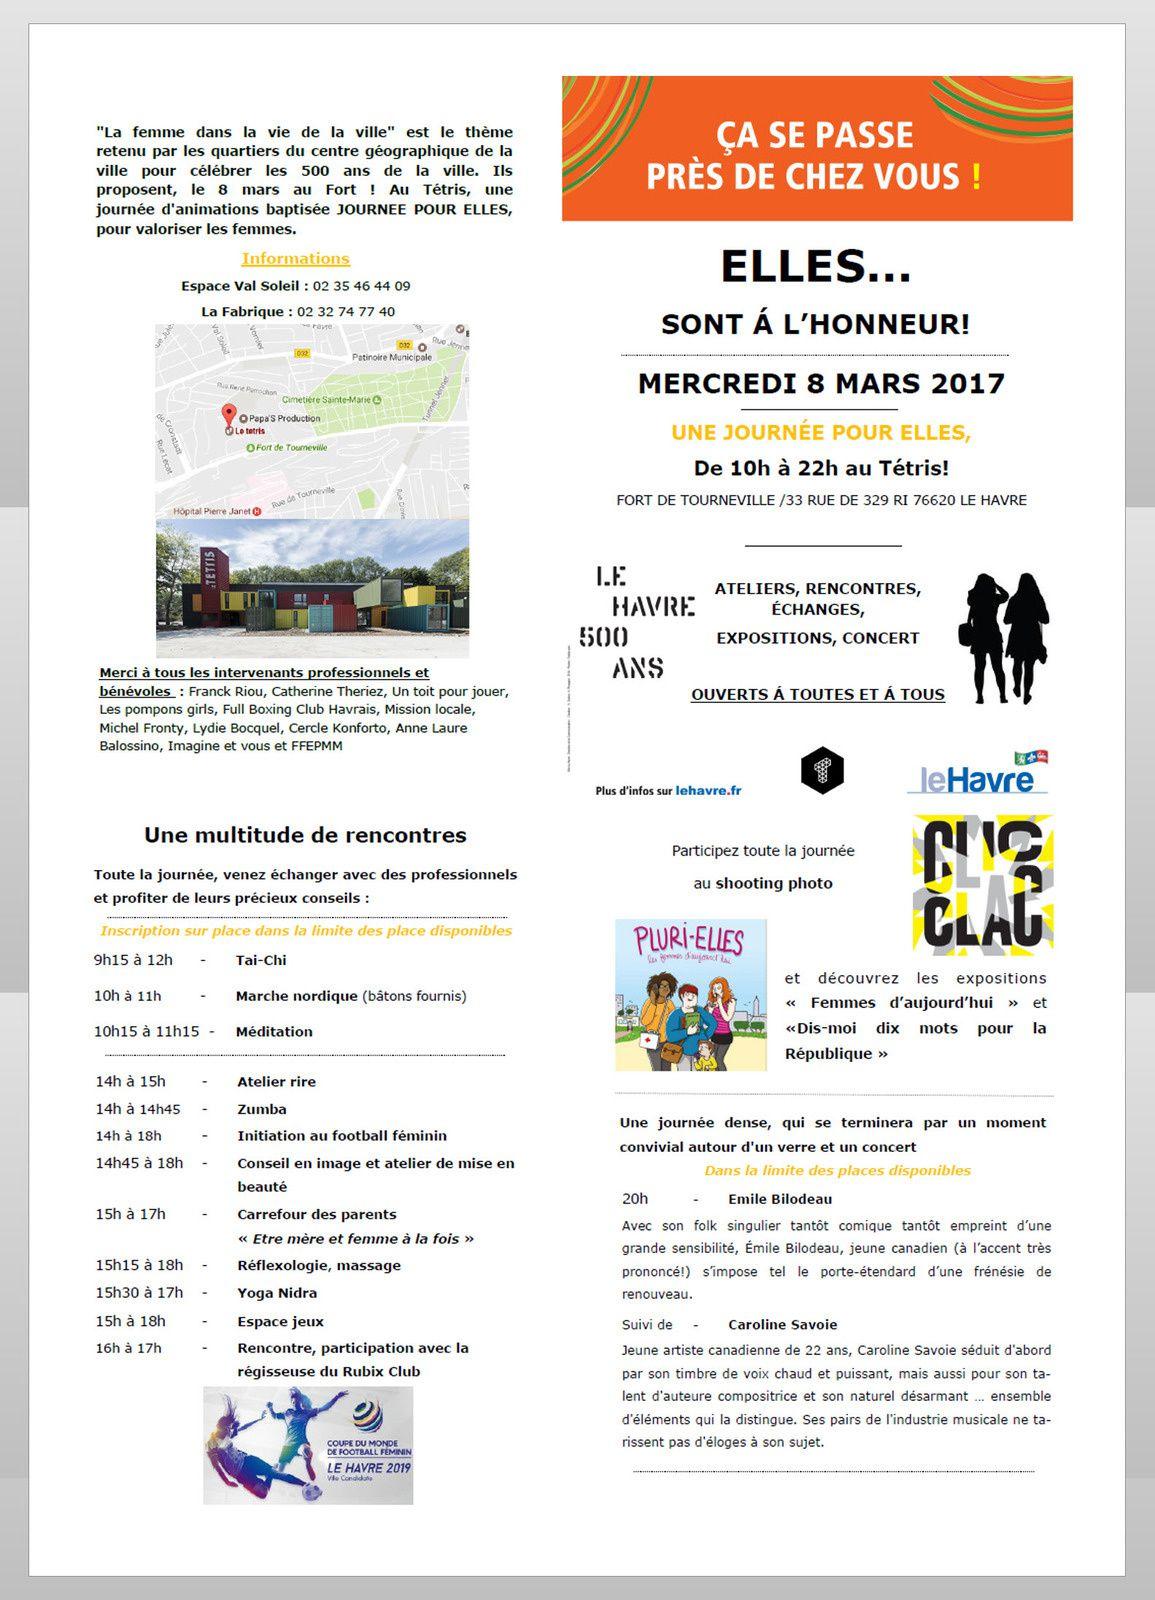 ELLES... SONT A L'HONNEUR